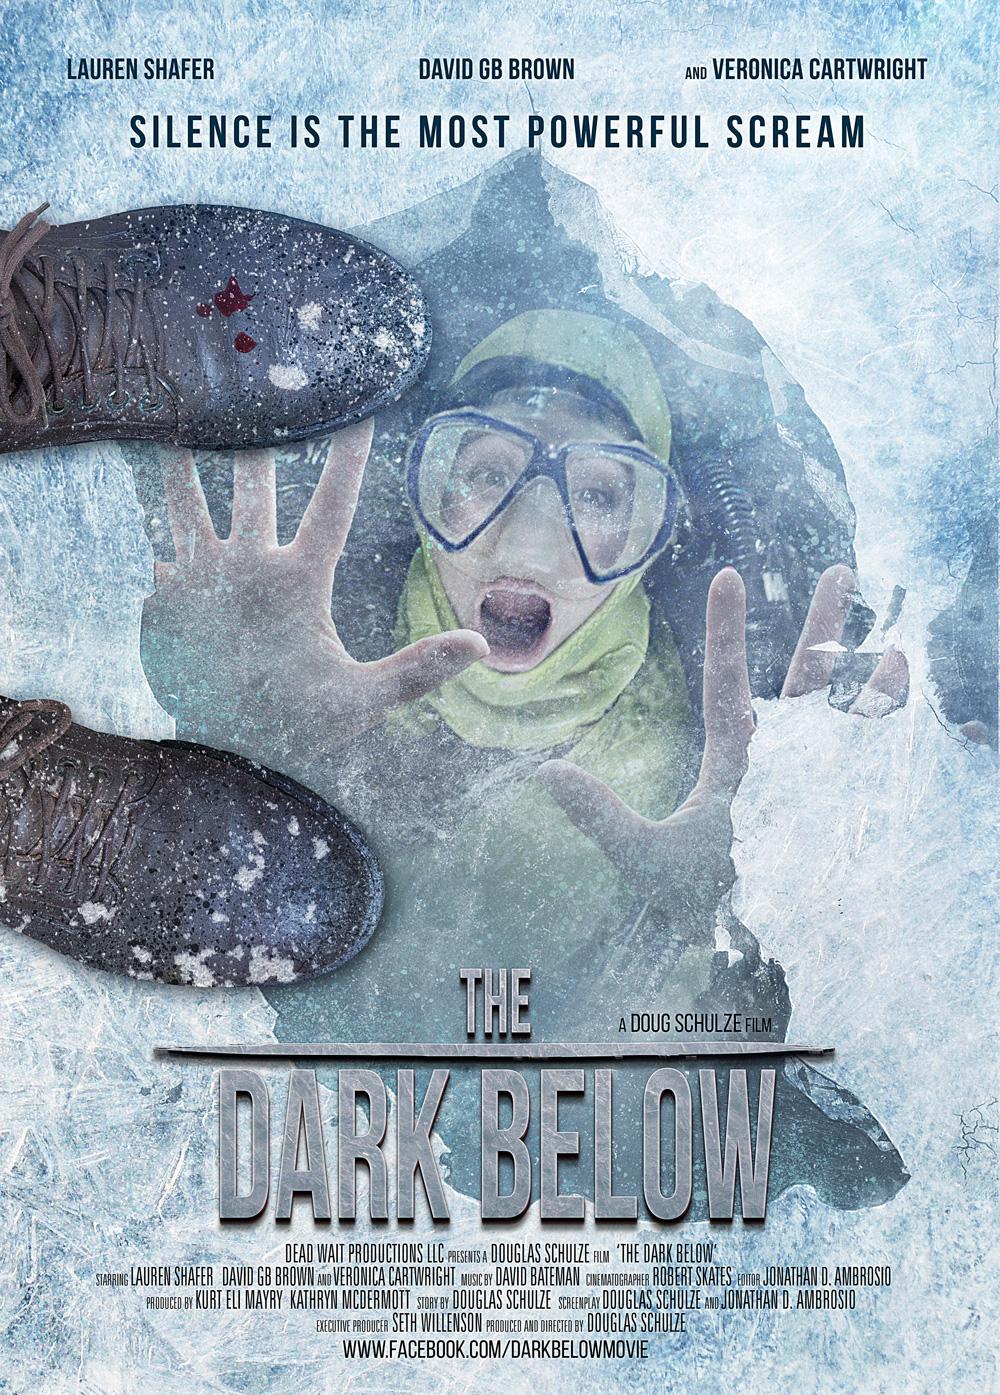 The Dark Below poster. Douglas Schulze